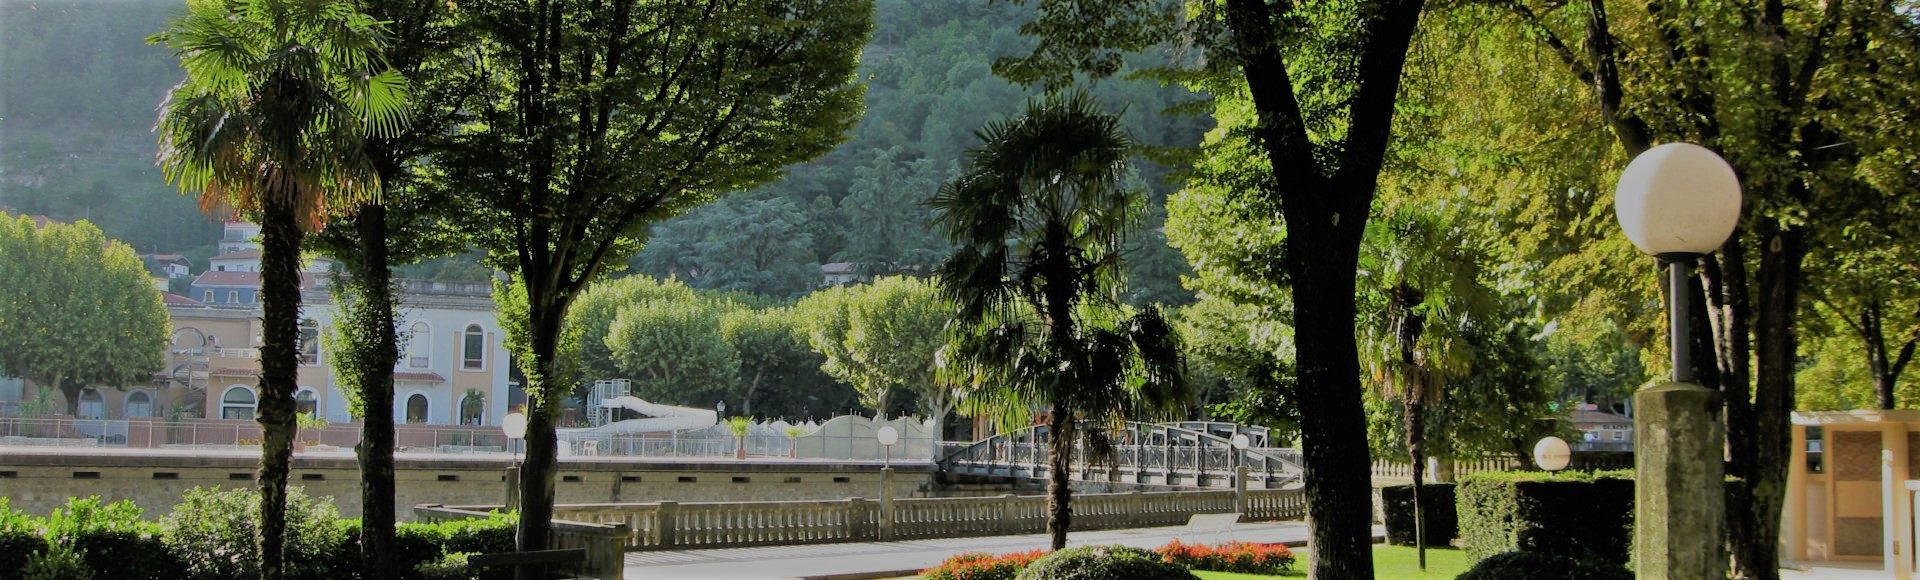 vals parc (2)